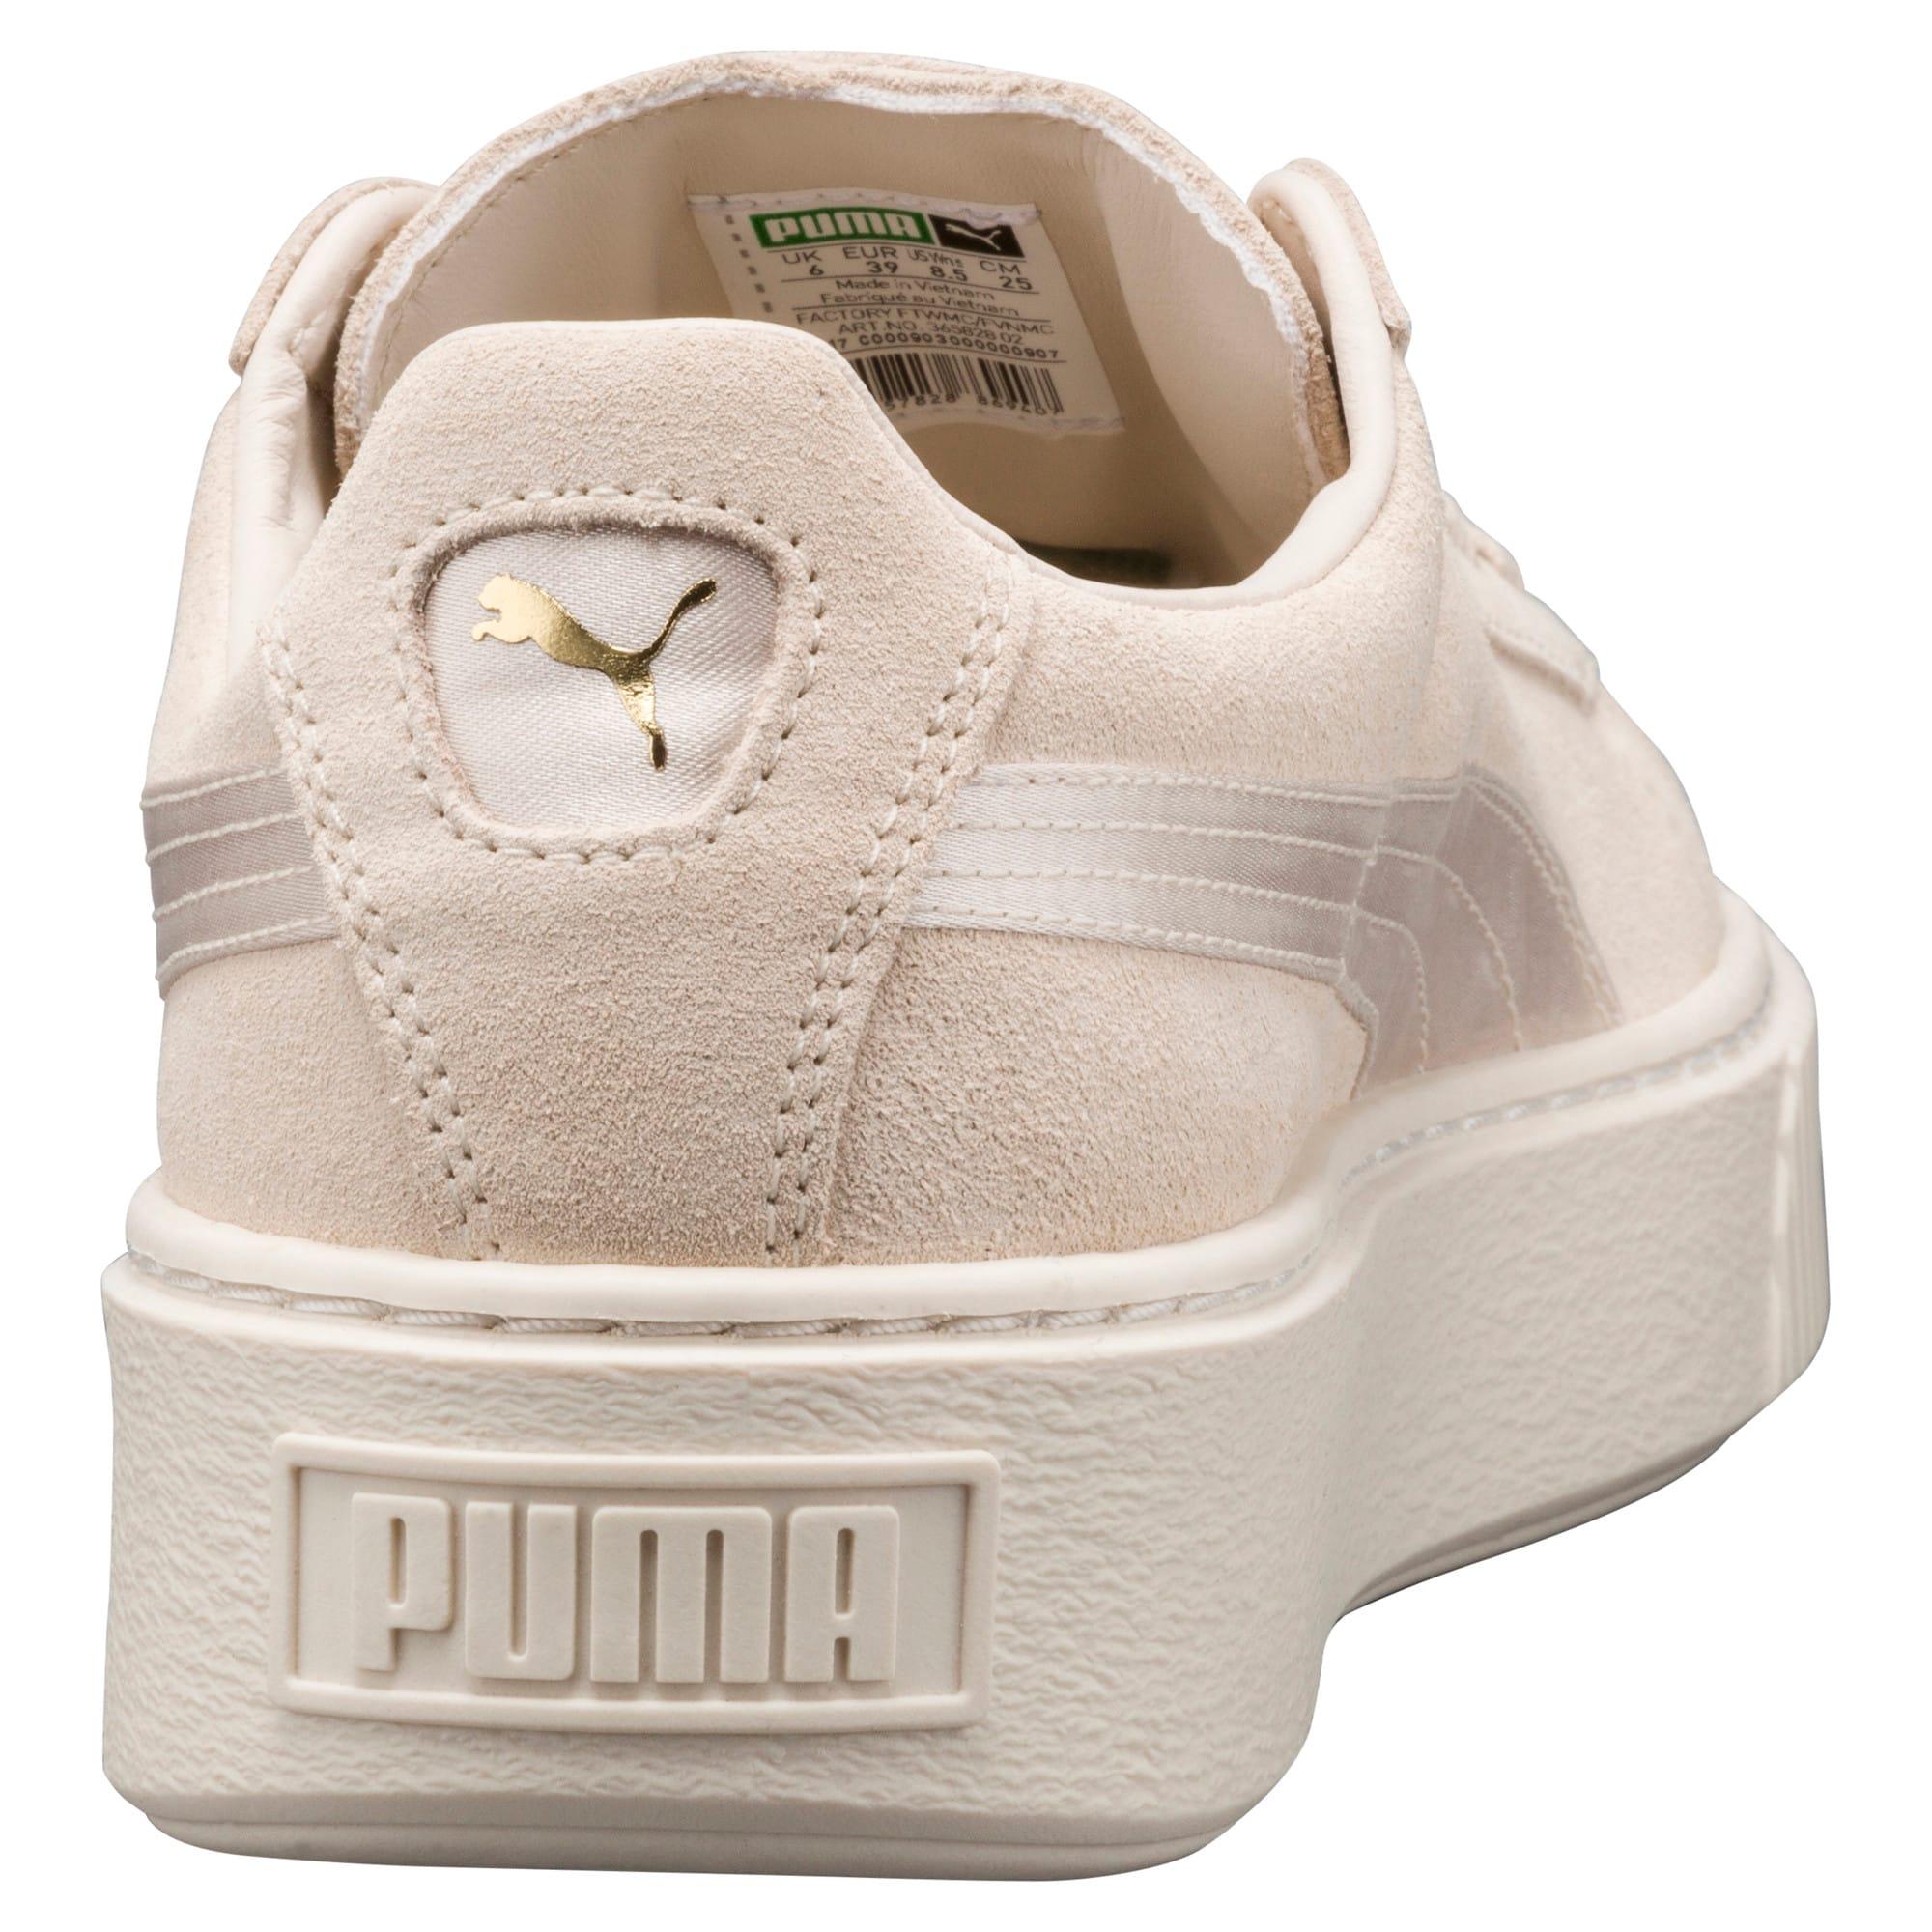 Thumbnail 4 of Suede Summer Satin Platform Sneakers, Pink Tint-Whisper White-Gold, medium